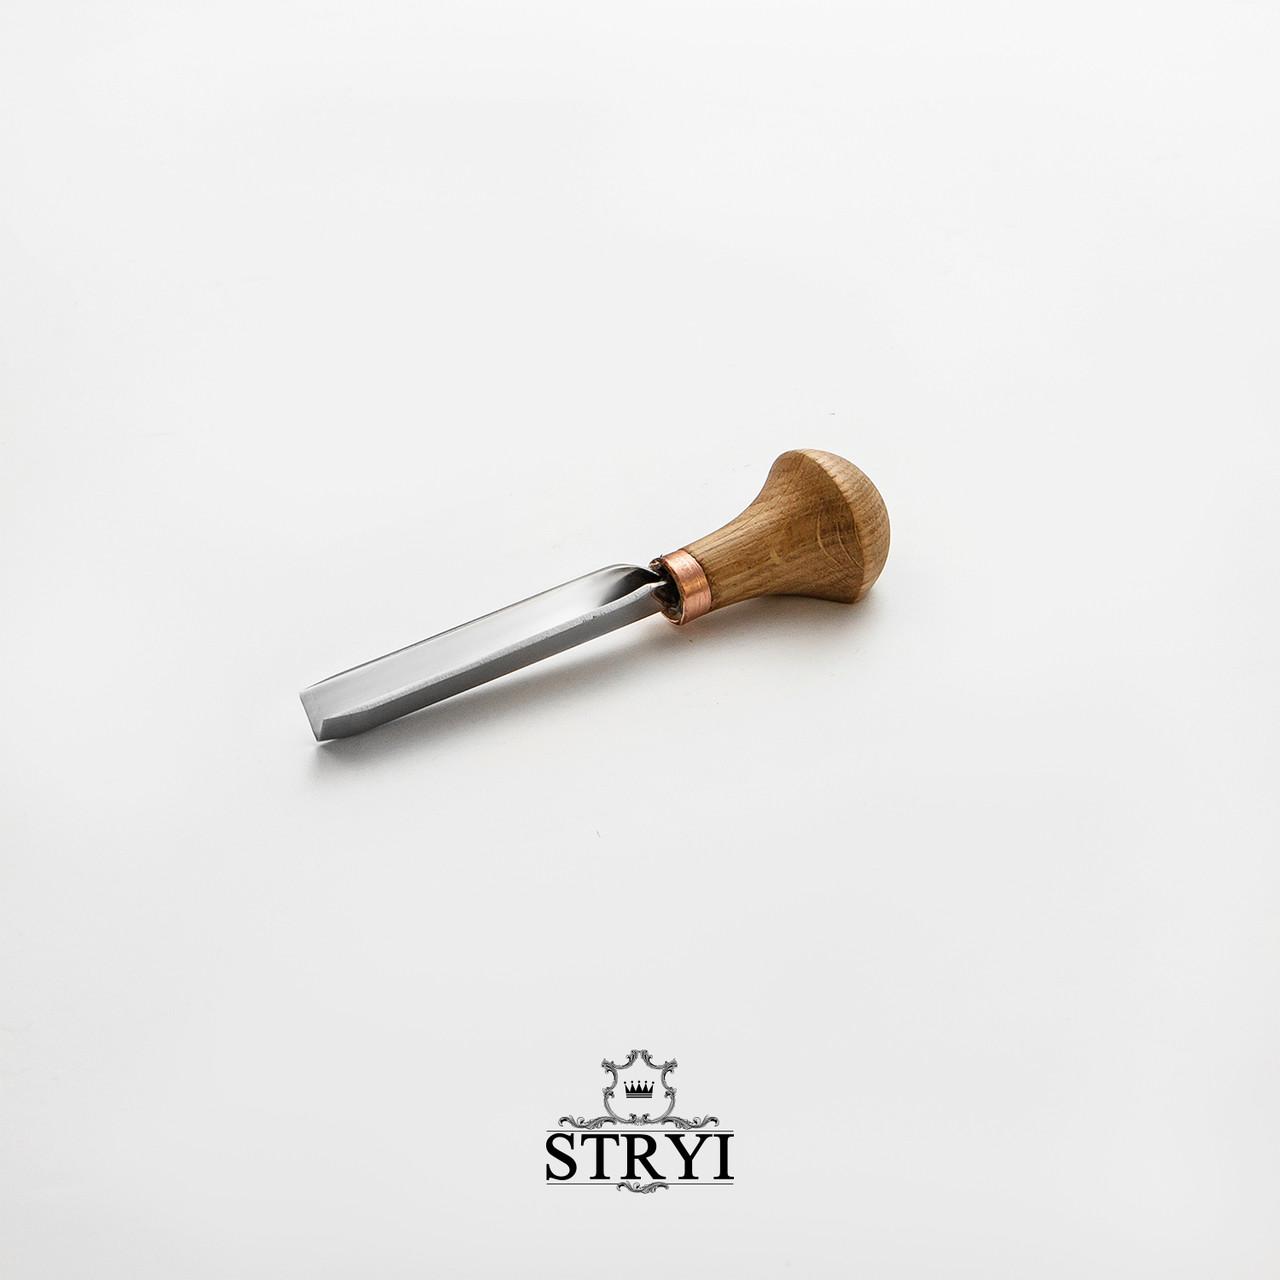 Штихель угловой 60 градусов 10 мм, от производителя STRYI